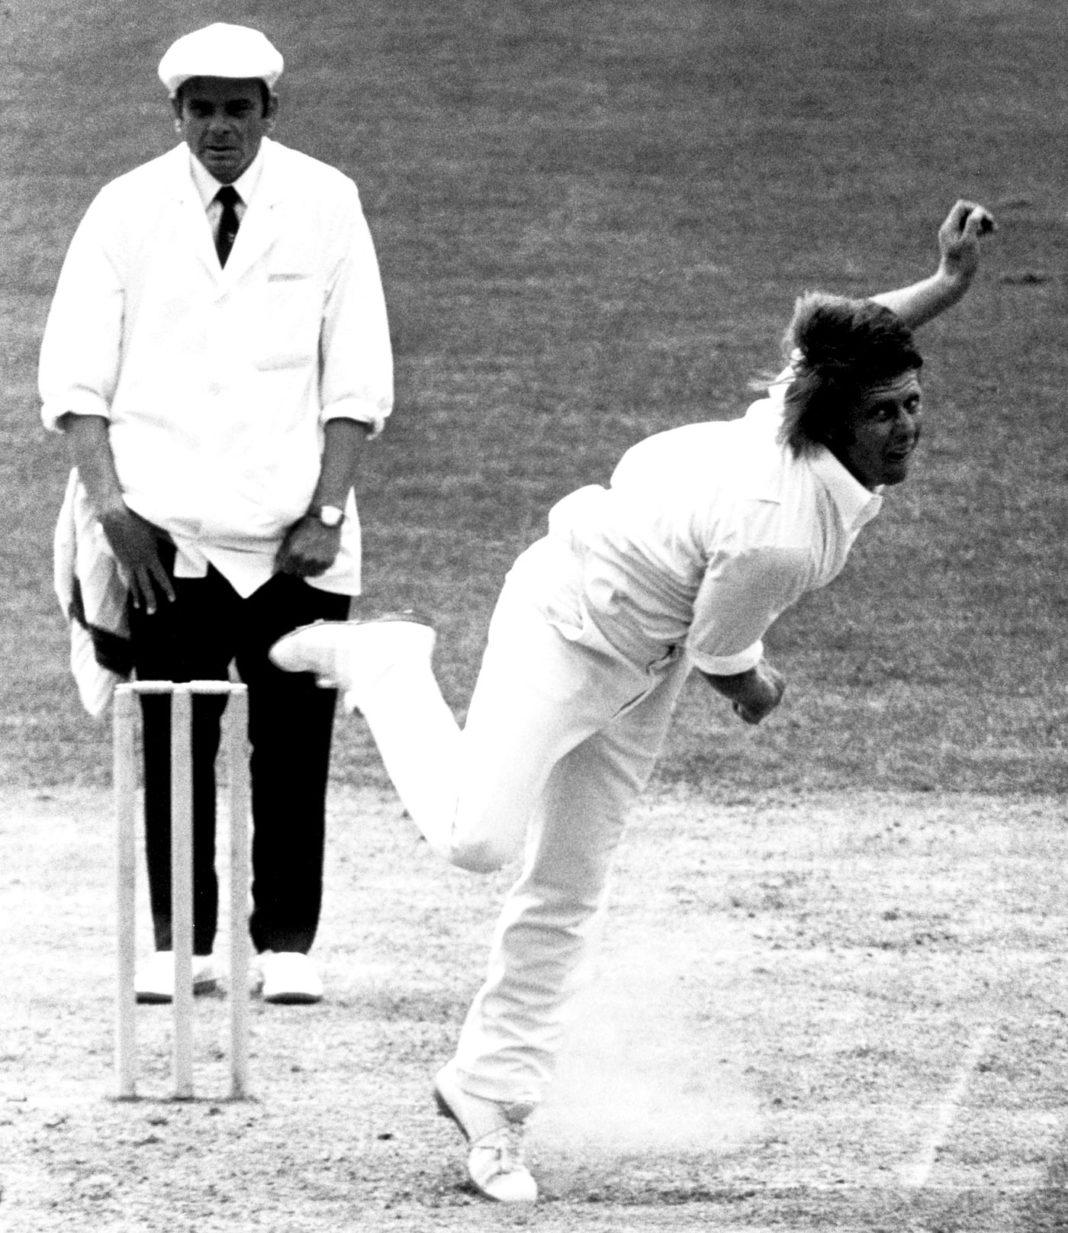 আজকের দিনে: বিশ্বের শ্রেষ্ঠ এই ভারতীয় ক্রিকেটার ৪৪ বছর আগে ১৩৮ বল খেলে করেছিলেন শূণ্য রান 1